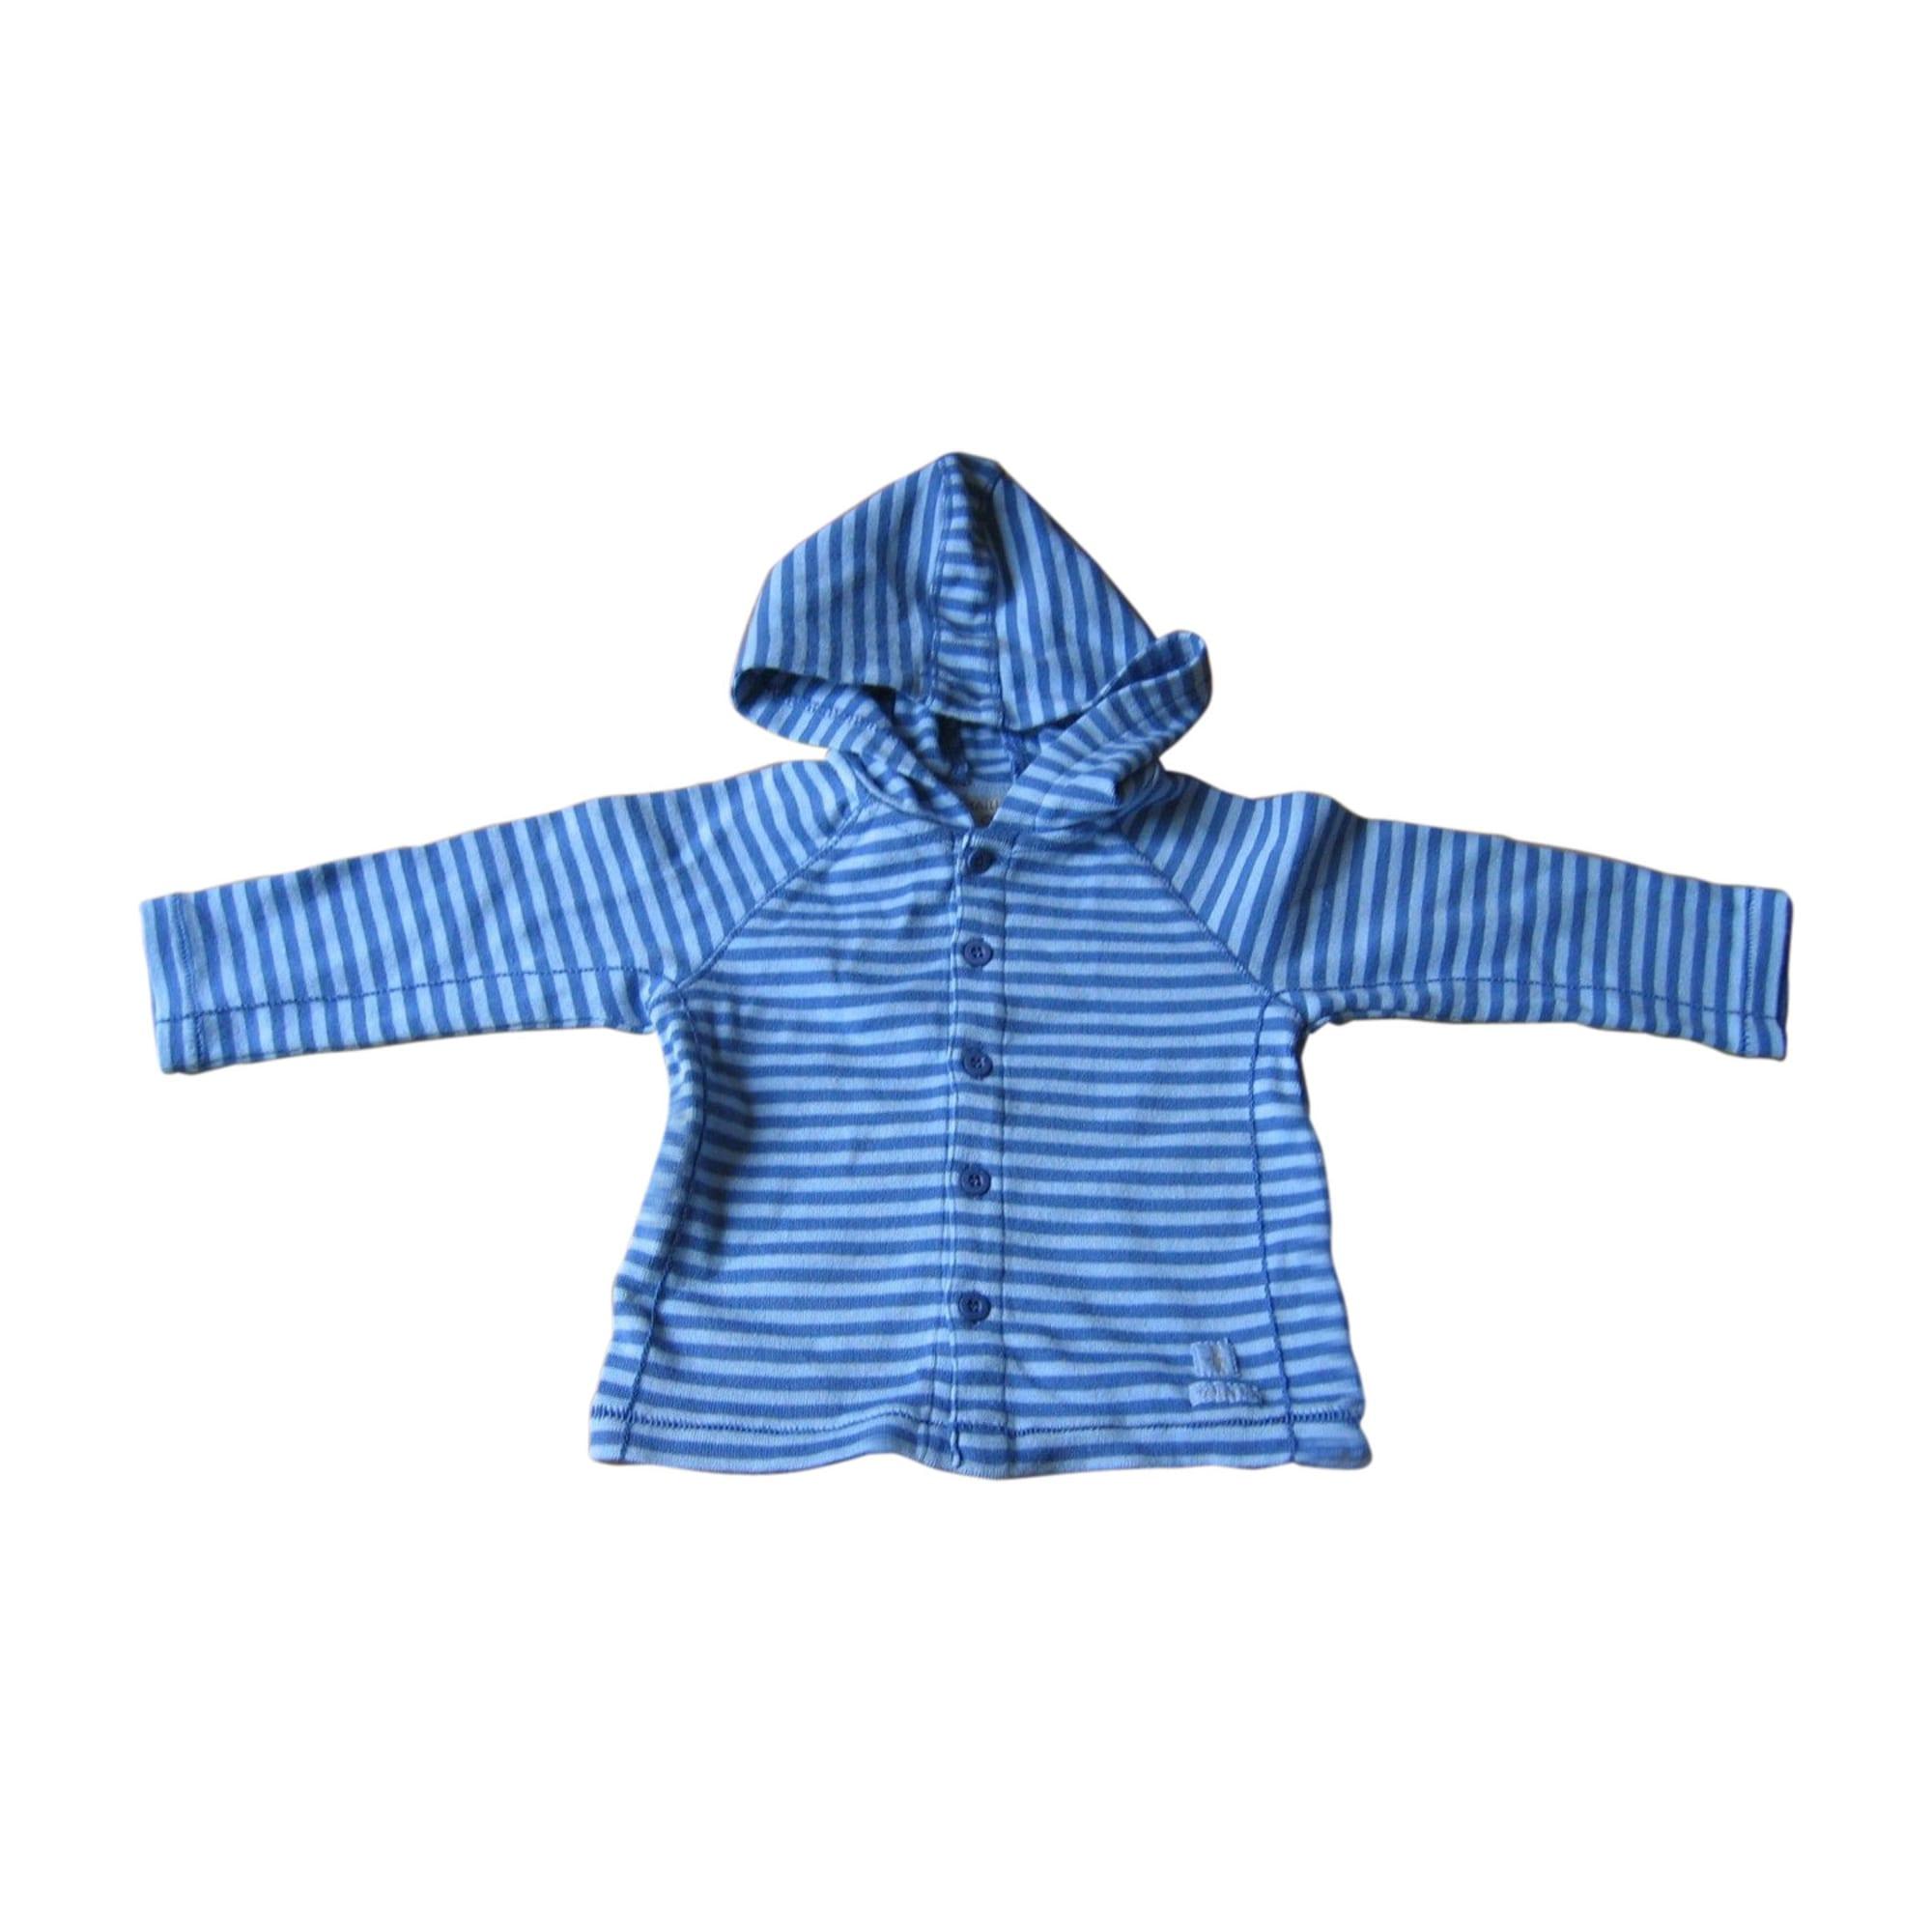 Sweat ELIANE ET LENA Bleu, bleu marine, bleu turquoise